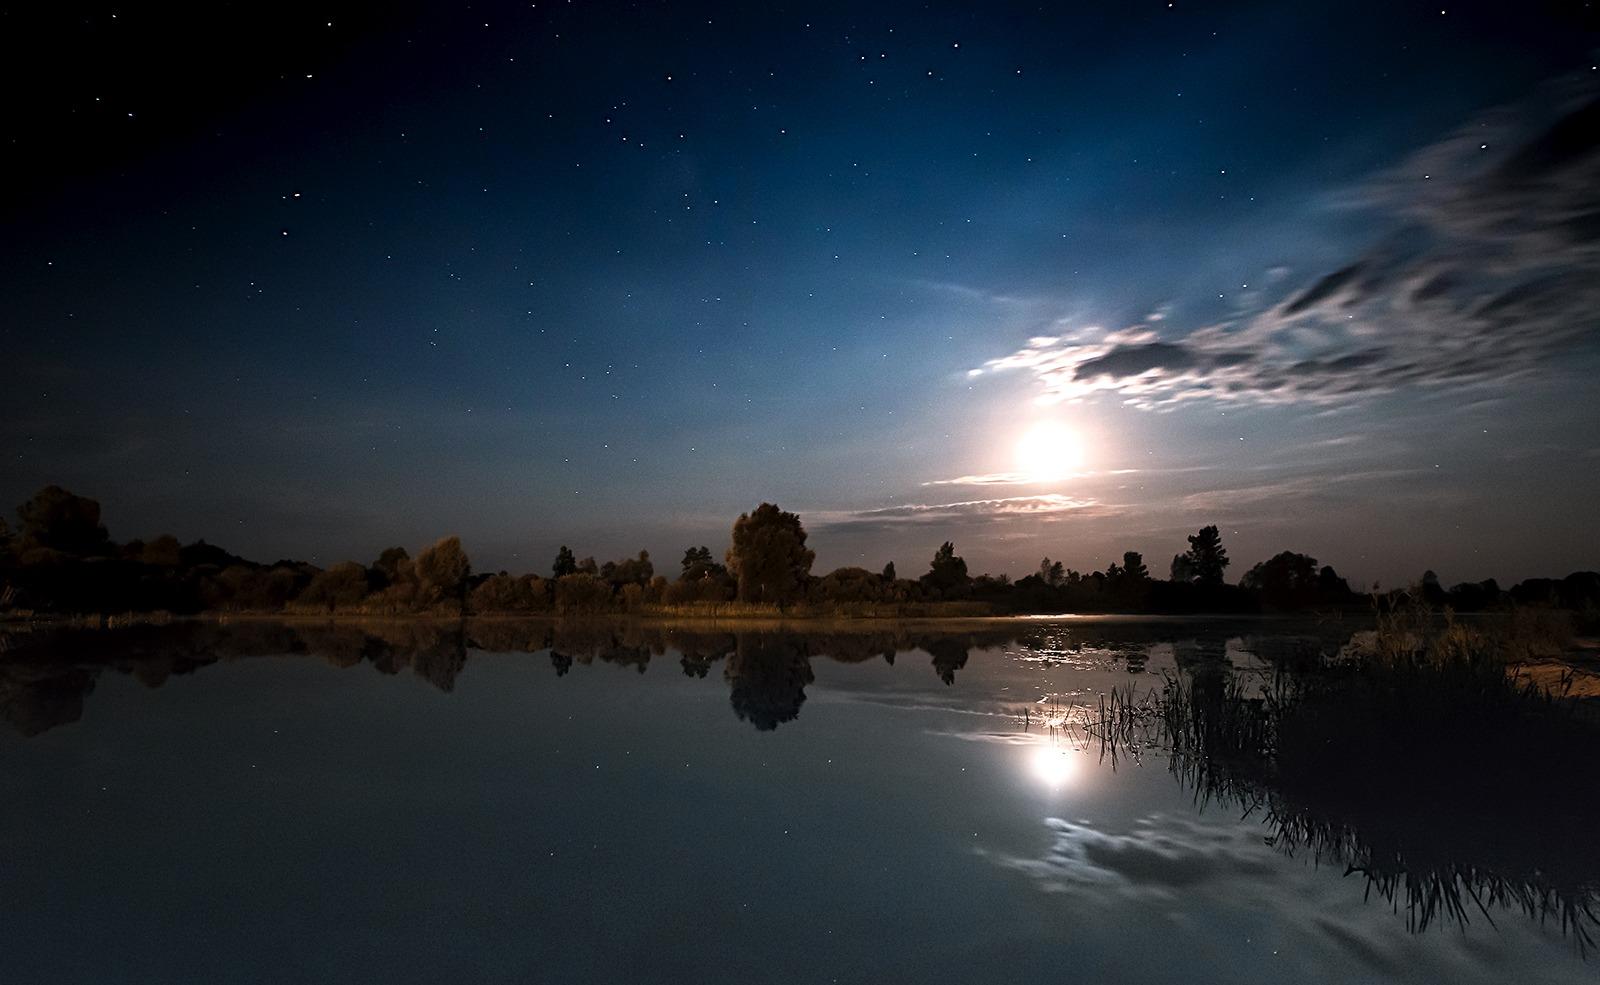 Лунная ночь фотографии после опубликованных